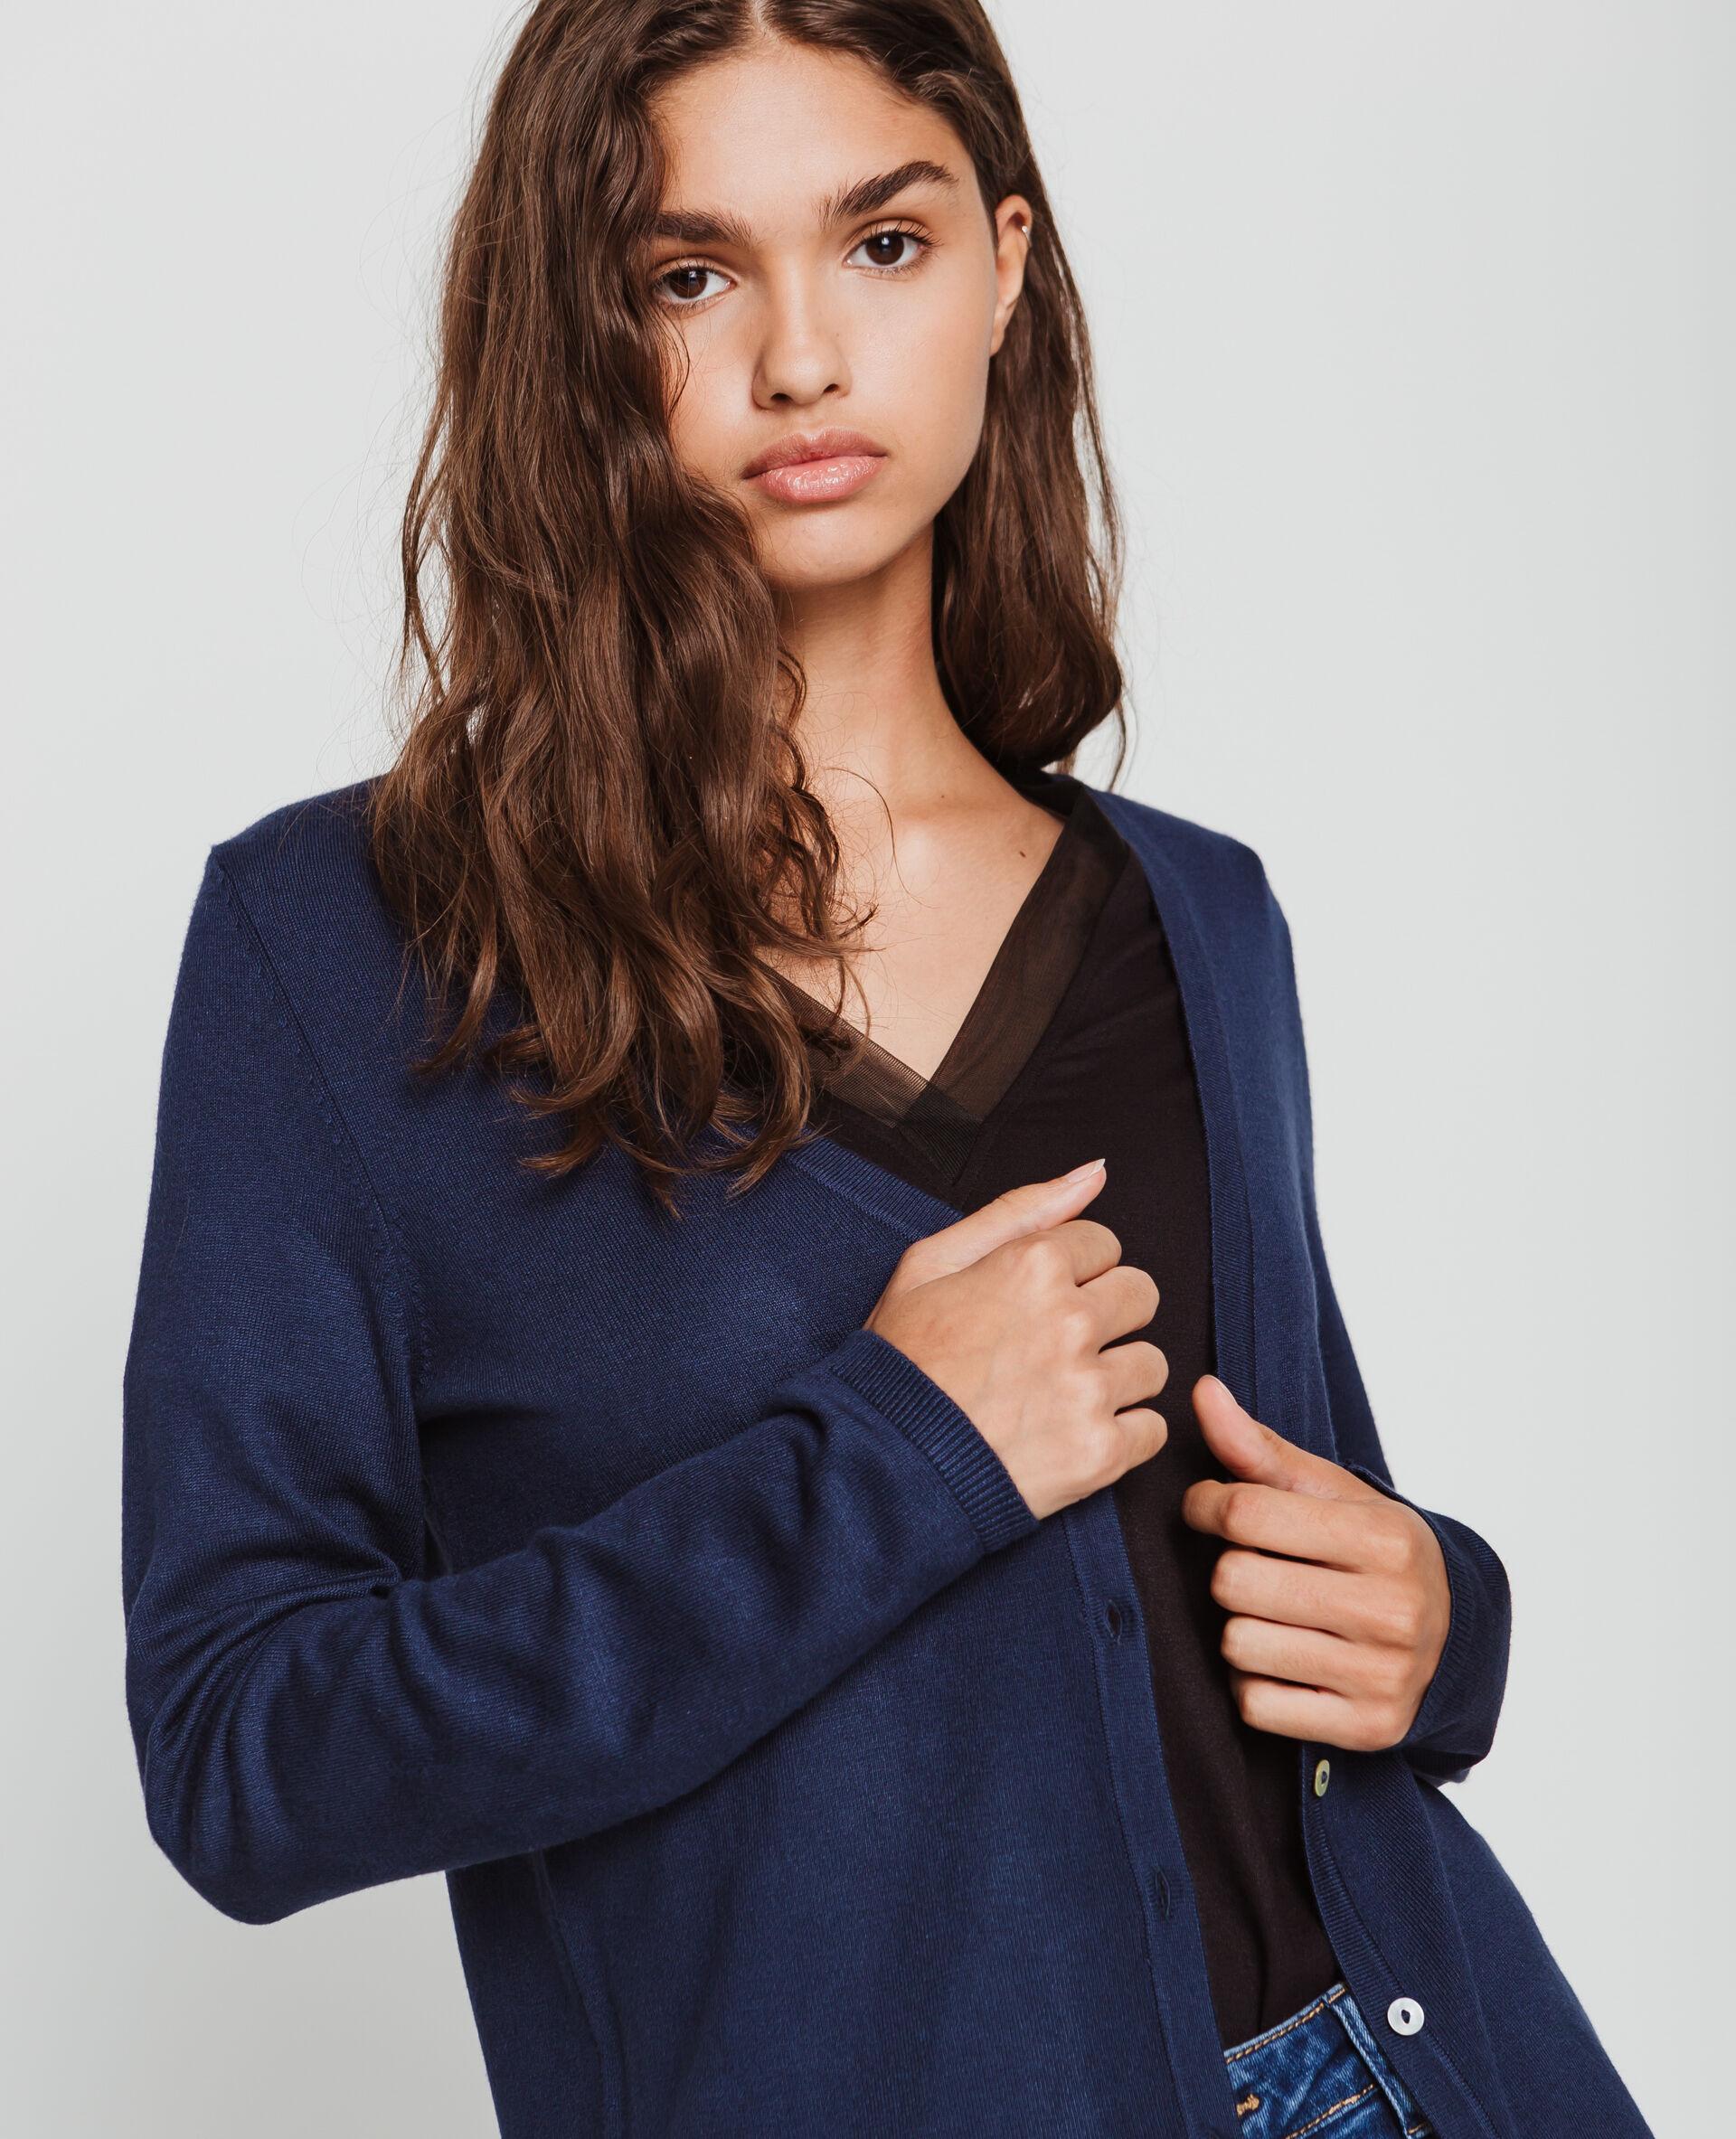 ✅Gilet boutonné Femme - Couleur bleu marine - Taille L - PIMKIE - MODE FEMME